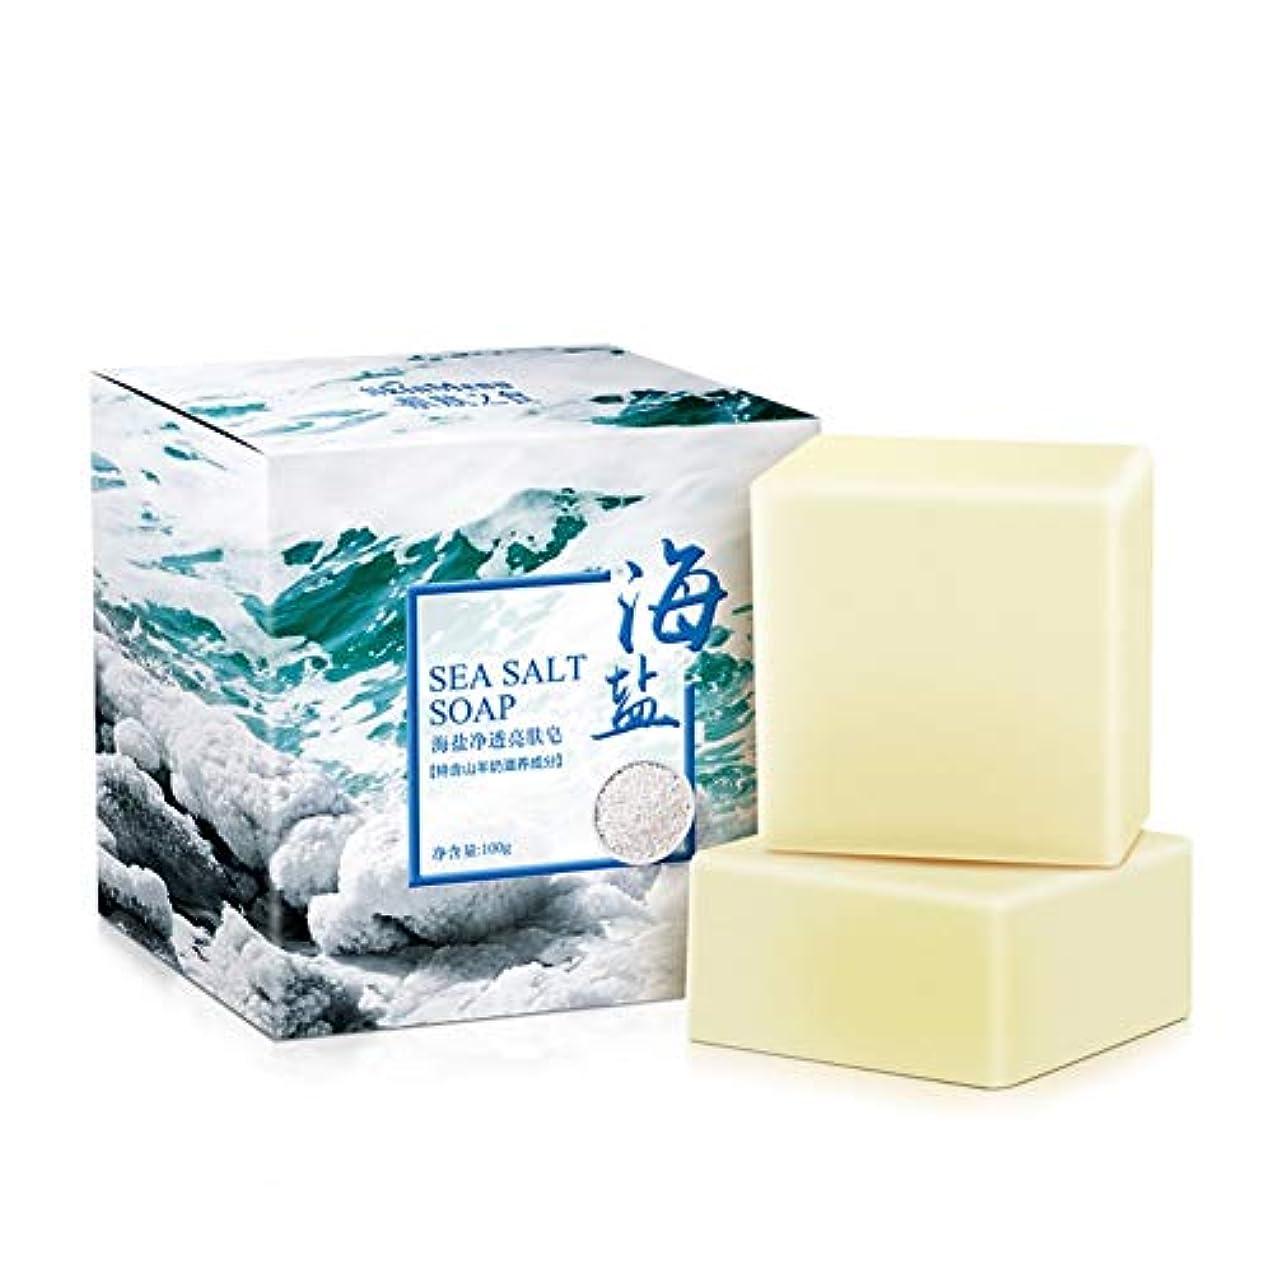 許す服を片付けるアクセサリーKISSION せっけん 透明な半透明石鹸 海塩が豊富 ローカストソープ ダニをすばやく削除 無添加 敏感 保湿 肌用 毛穴 対策 パーソナルケア製品